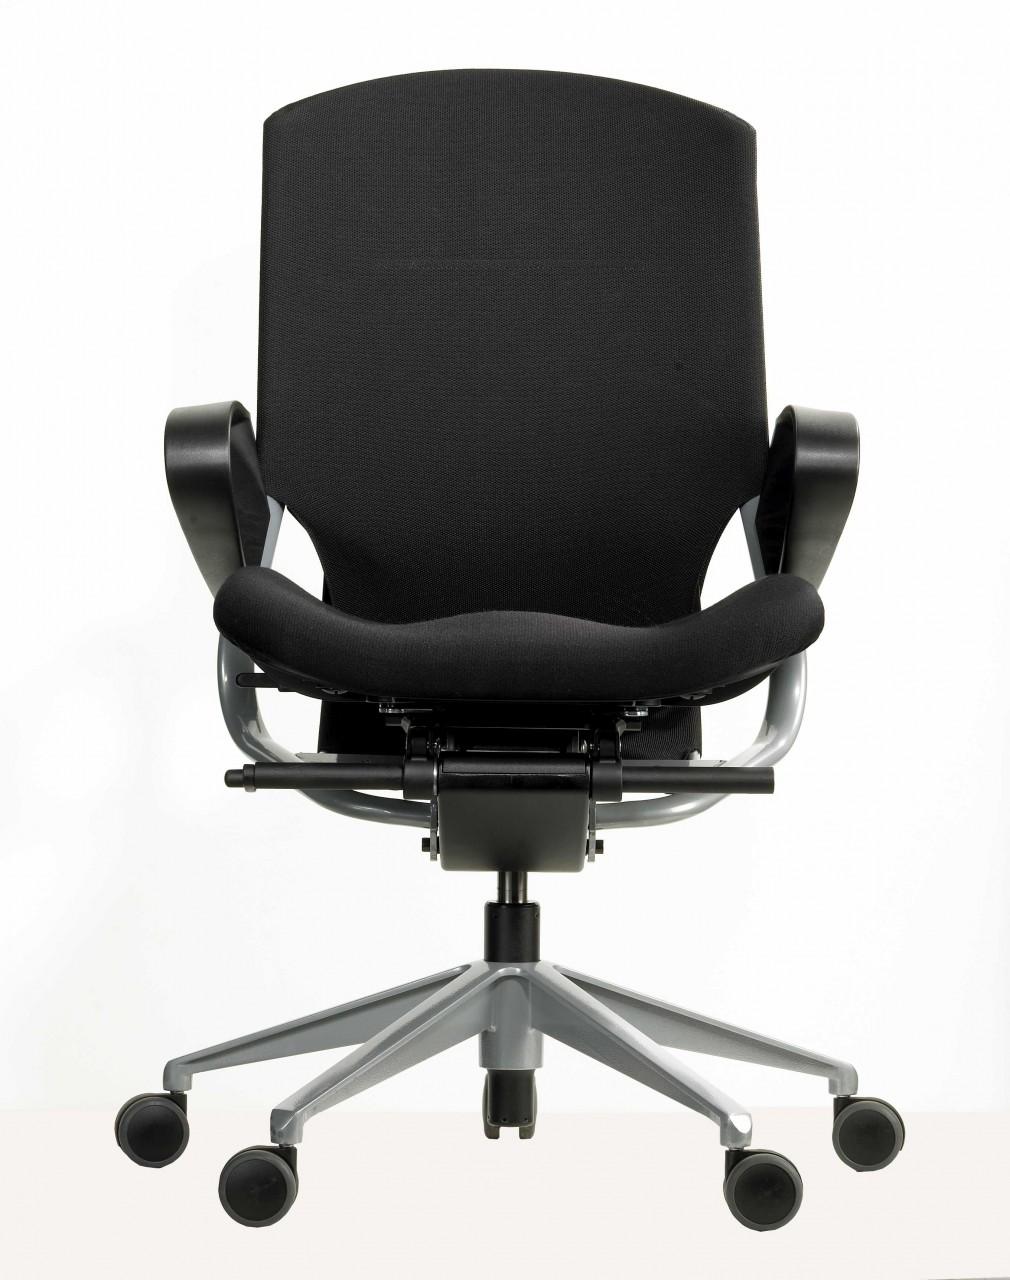 Fauteuil de bureau ergonomique ergotango achat si ges for Housse pour fauteuil bureau